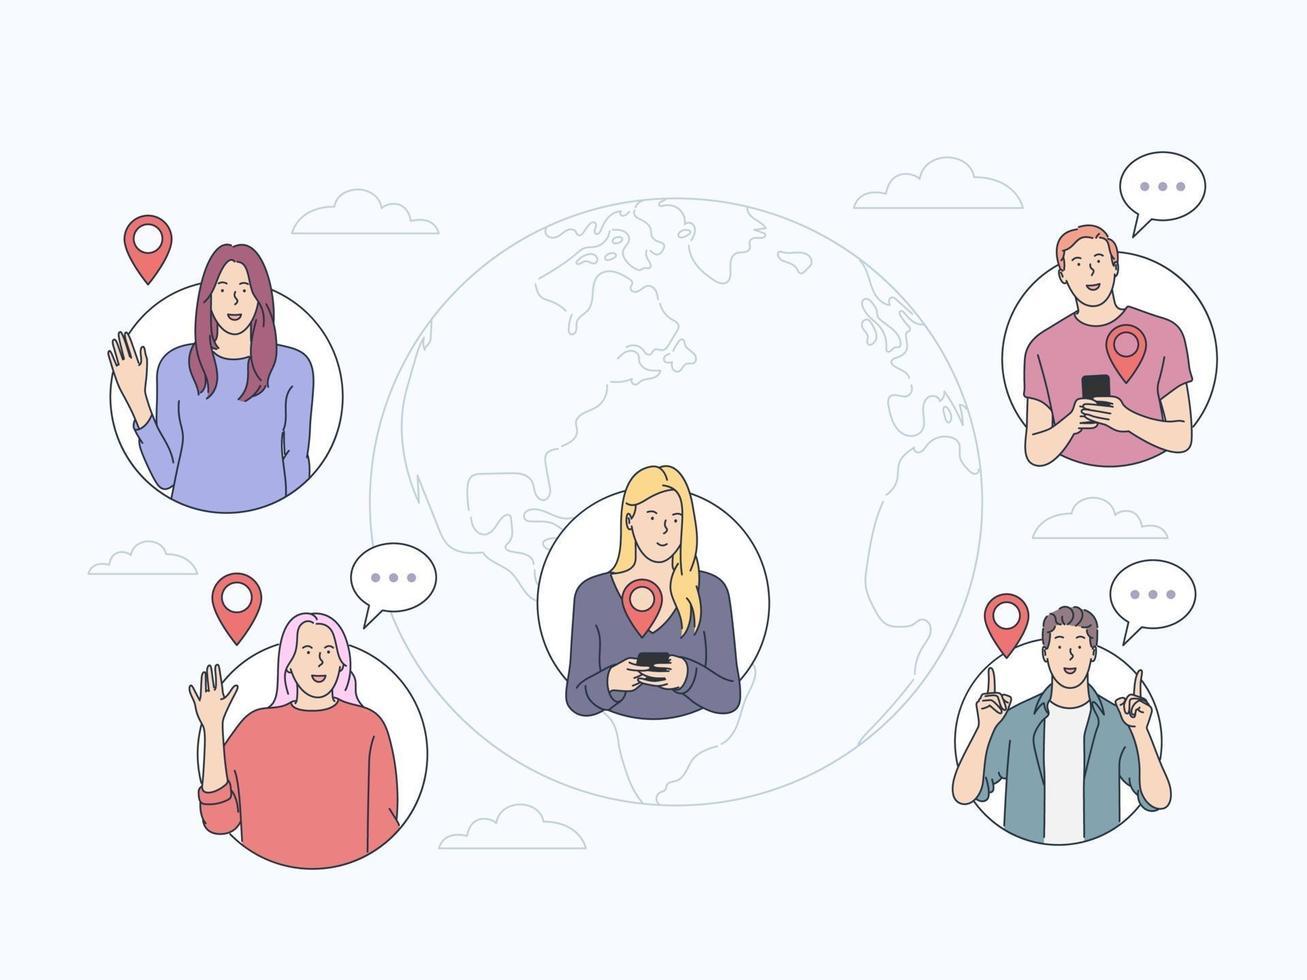 comunicar, conceito de chat online. as pessoas se comunicam pela internet. equipe remota de negócios, rede mundial de computadores e marketing. ilustração vetorial plana vetor